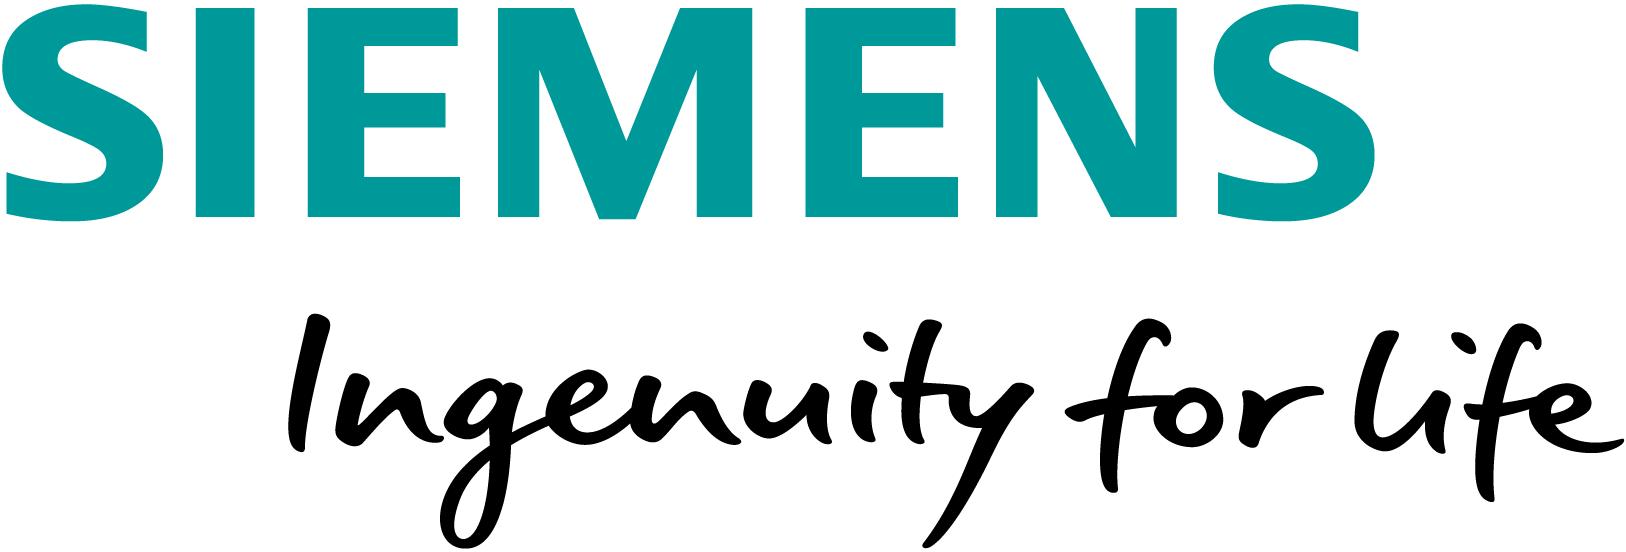 Siemens Report